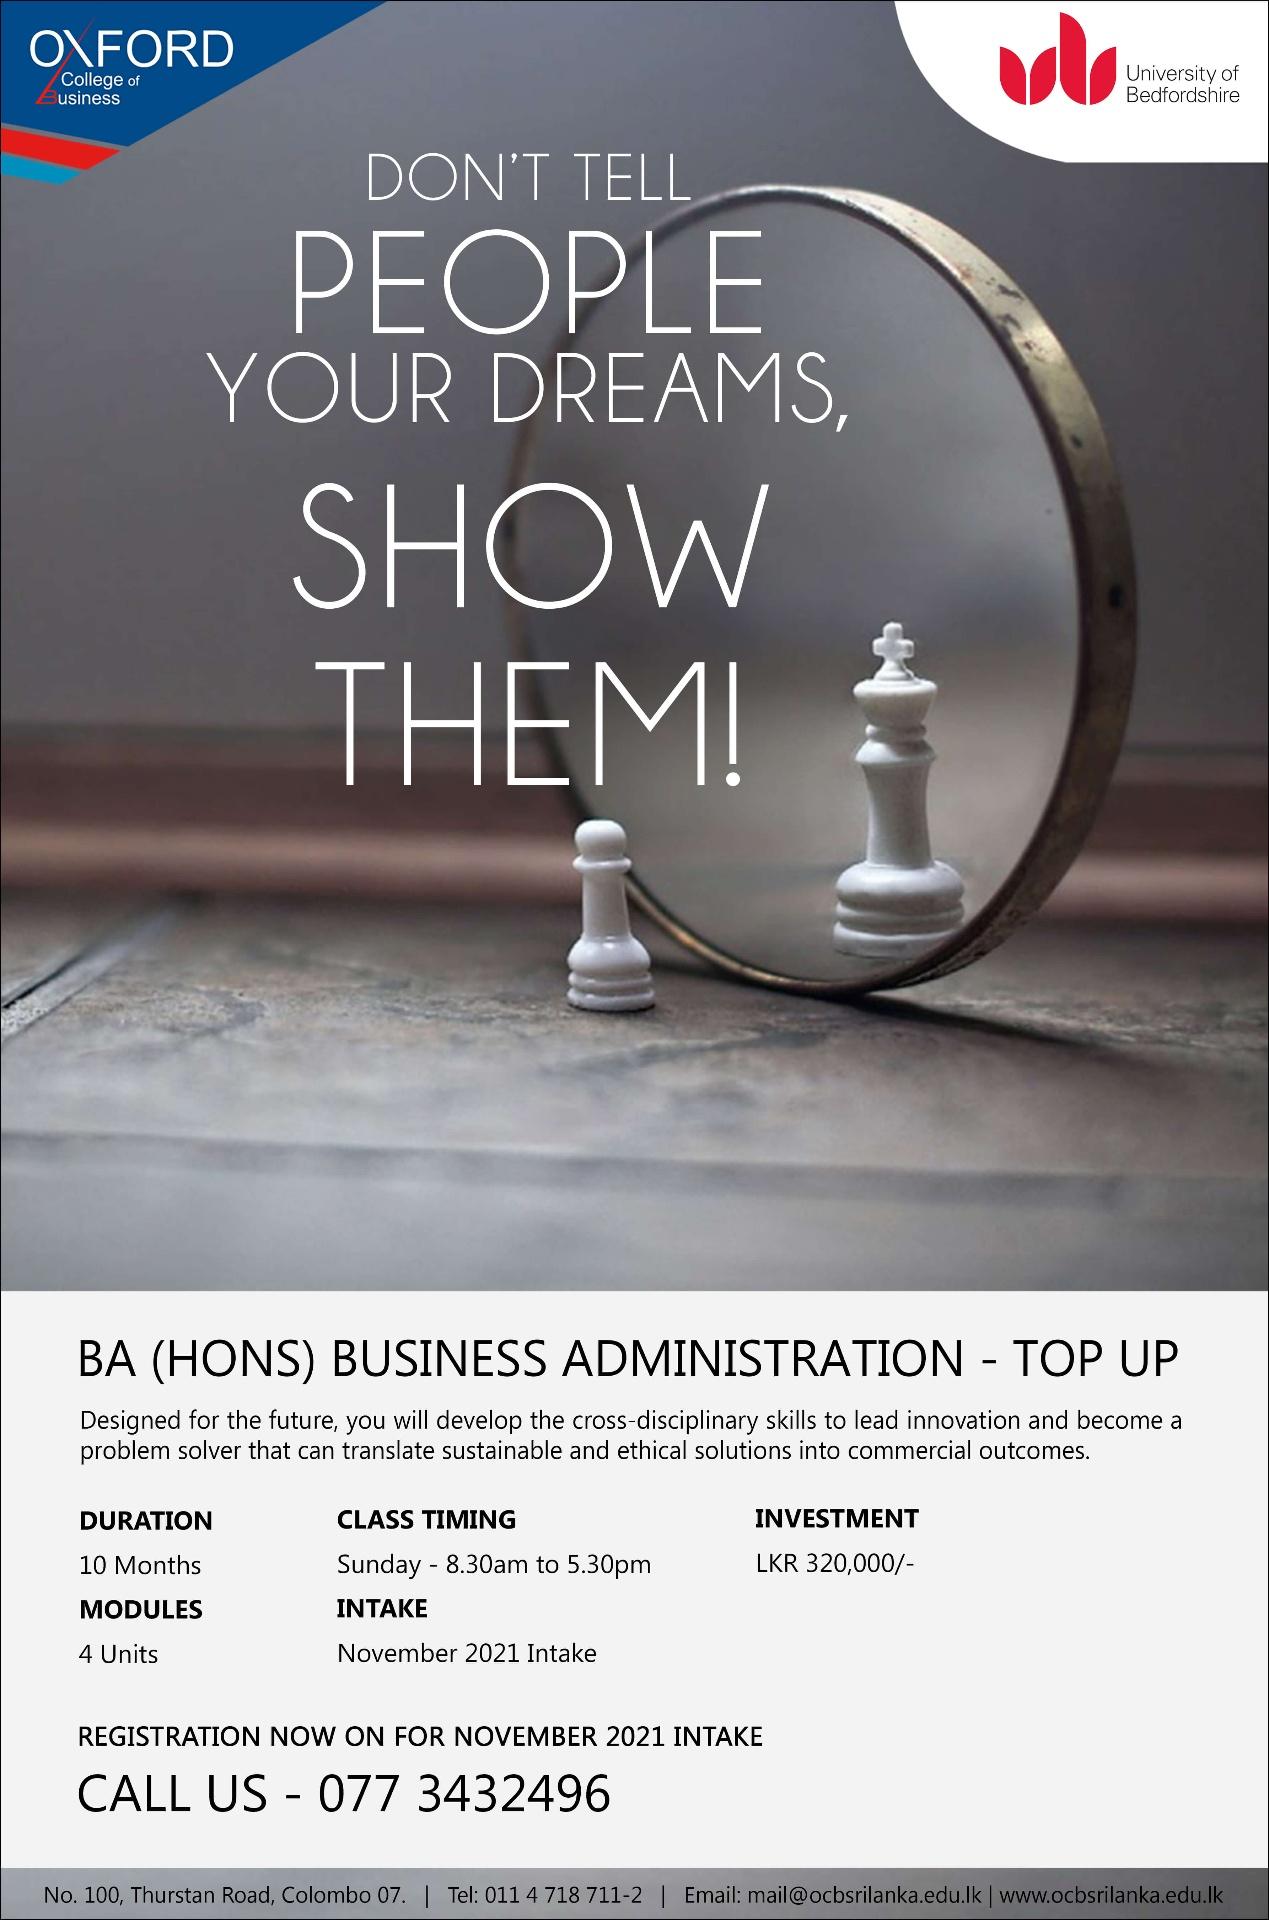 BA (Hons) Top-Up - November Intake